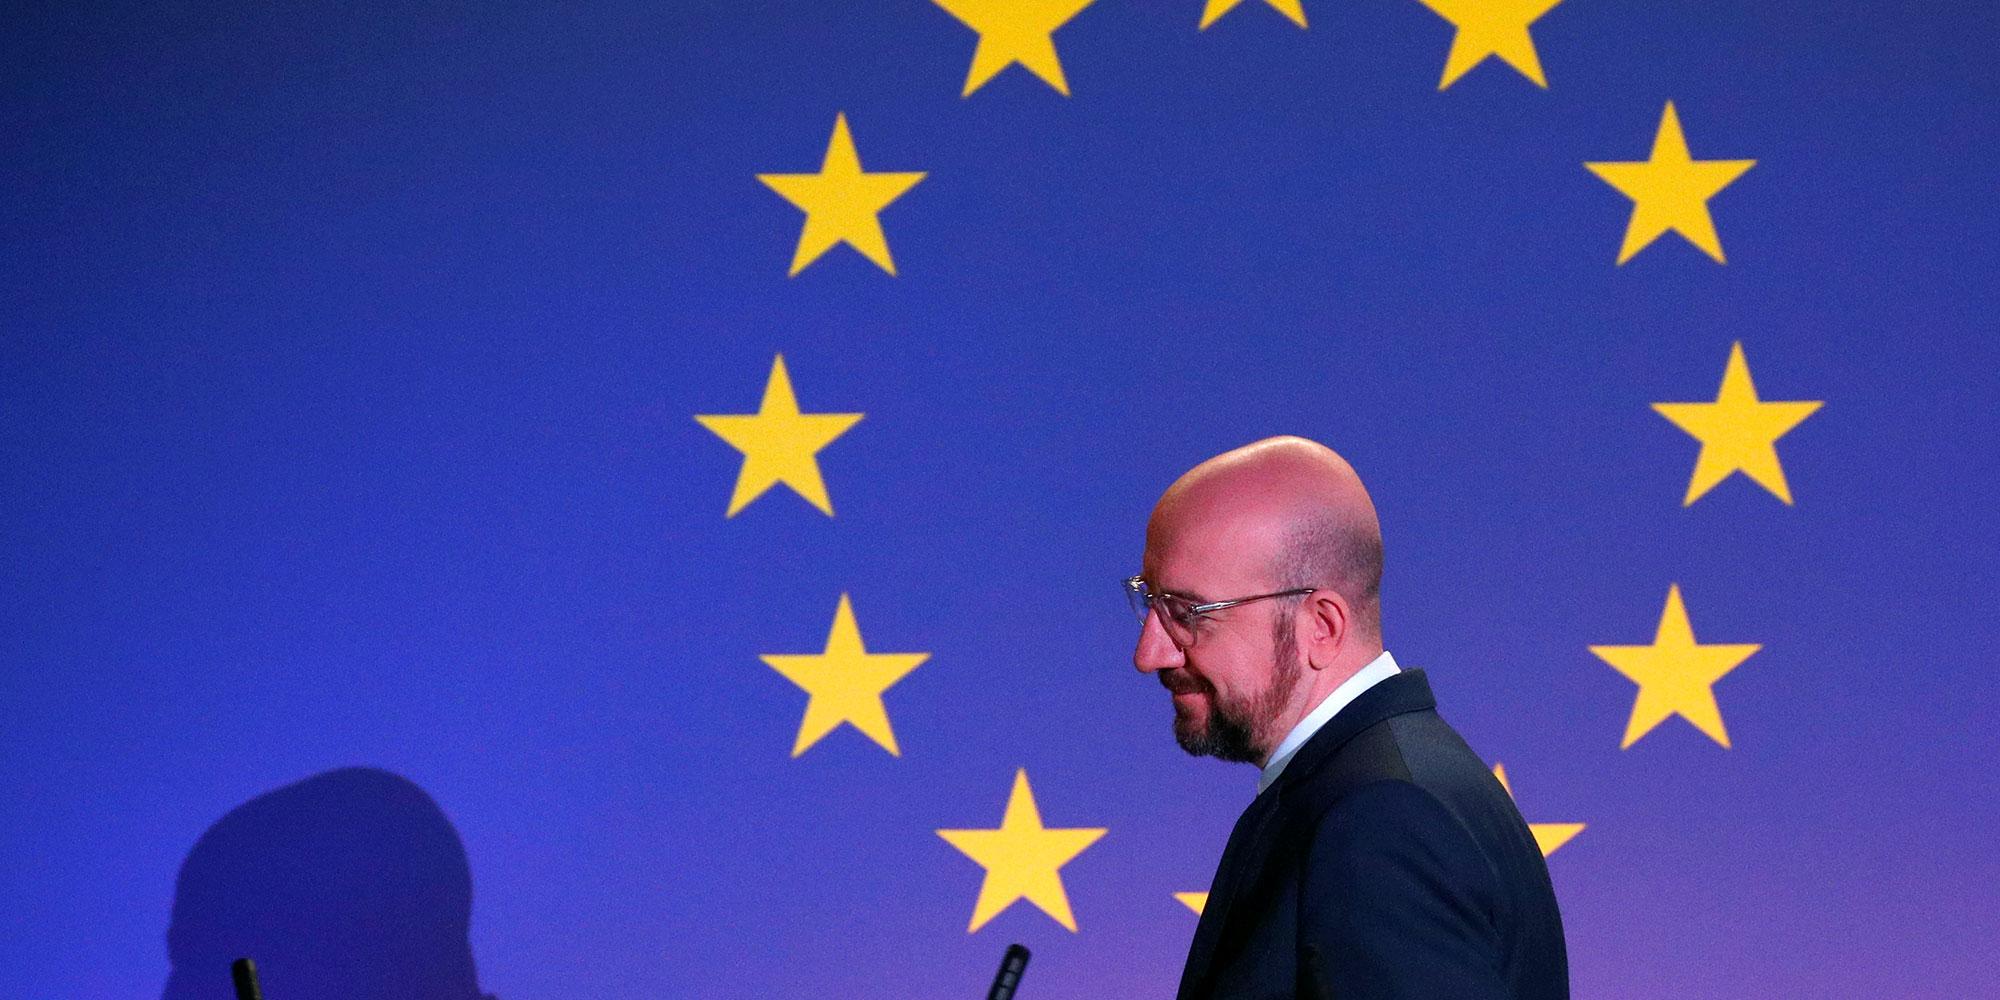 PAC, aide aux régions les moins développées : les arbitrages serrés du prochain budget de l'Union européenne